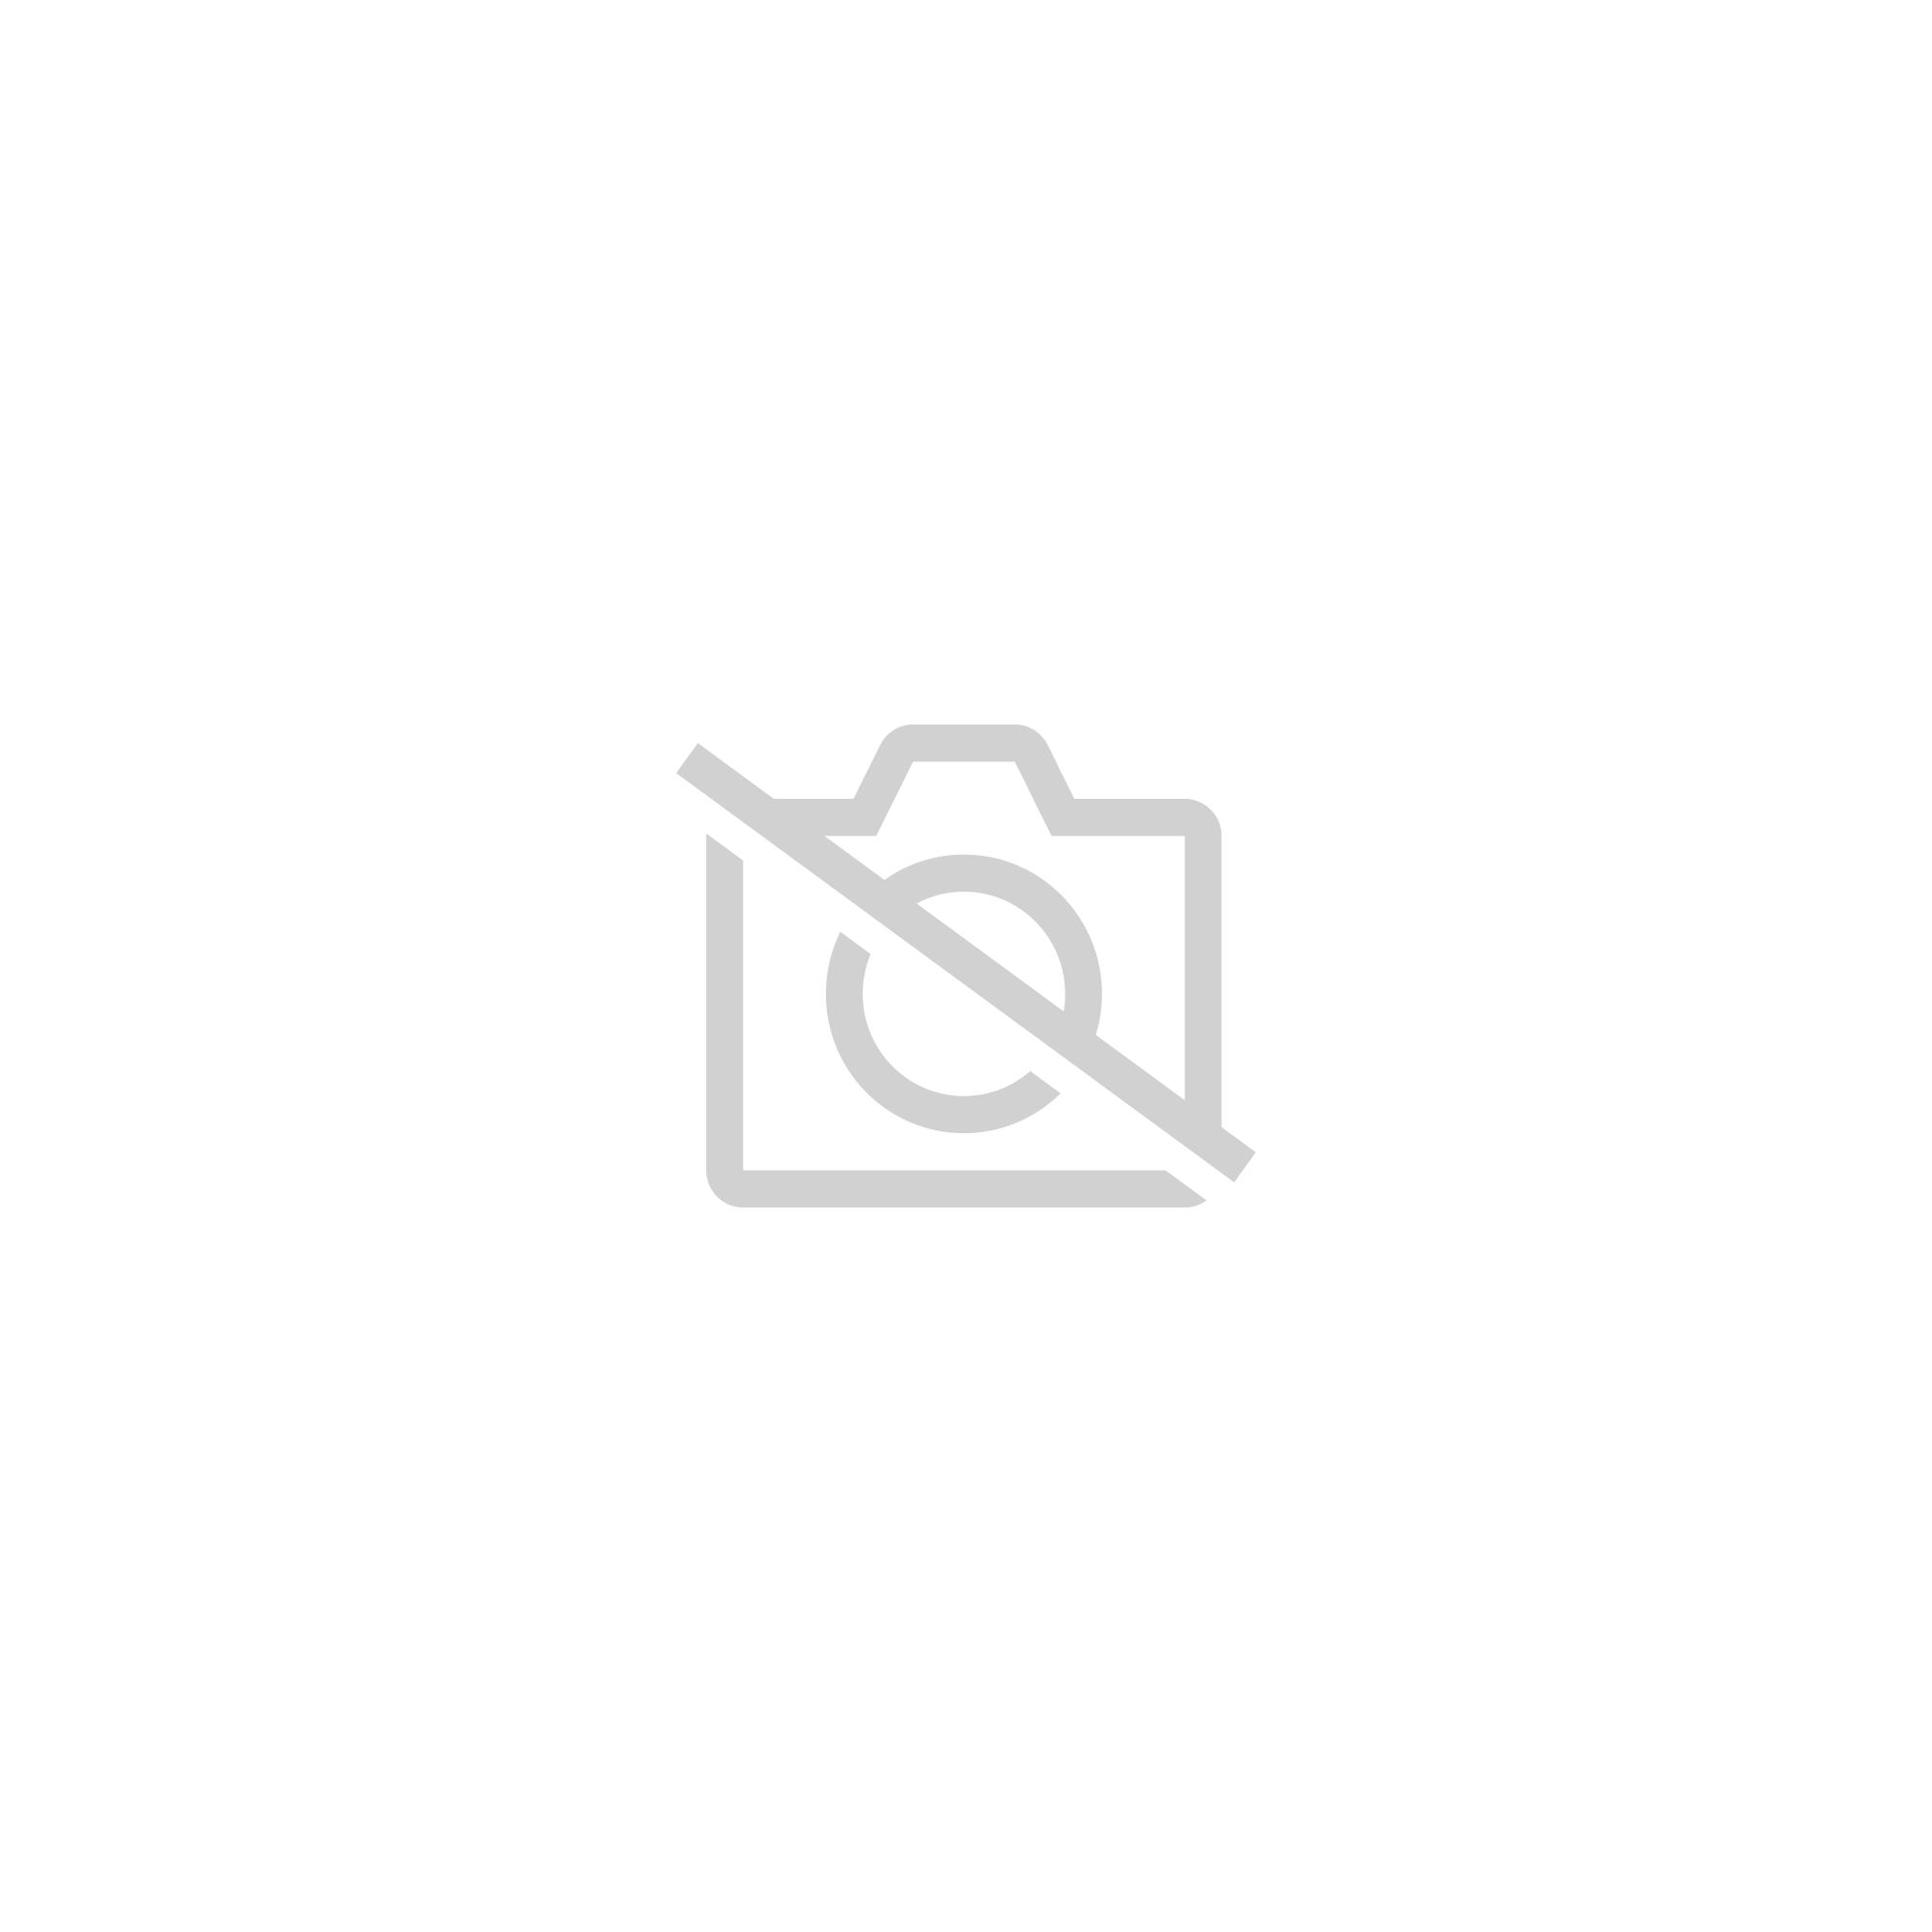 [MULTI] La Grande combine [DVDRiP AC3 FRENCH]